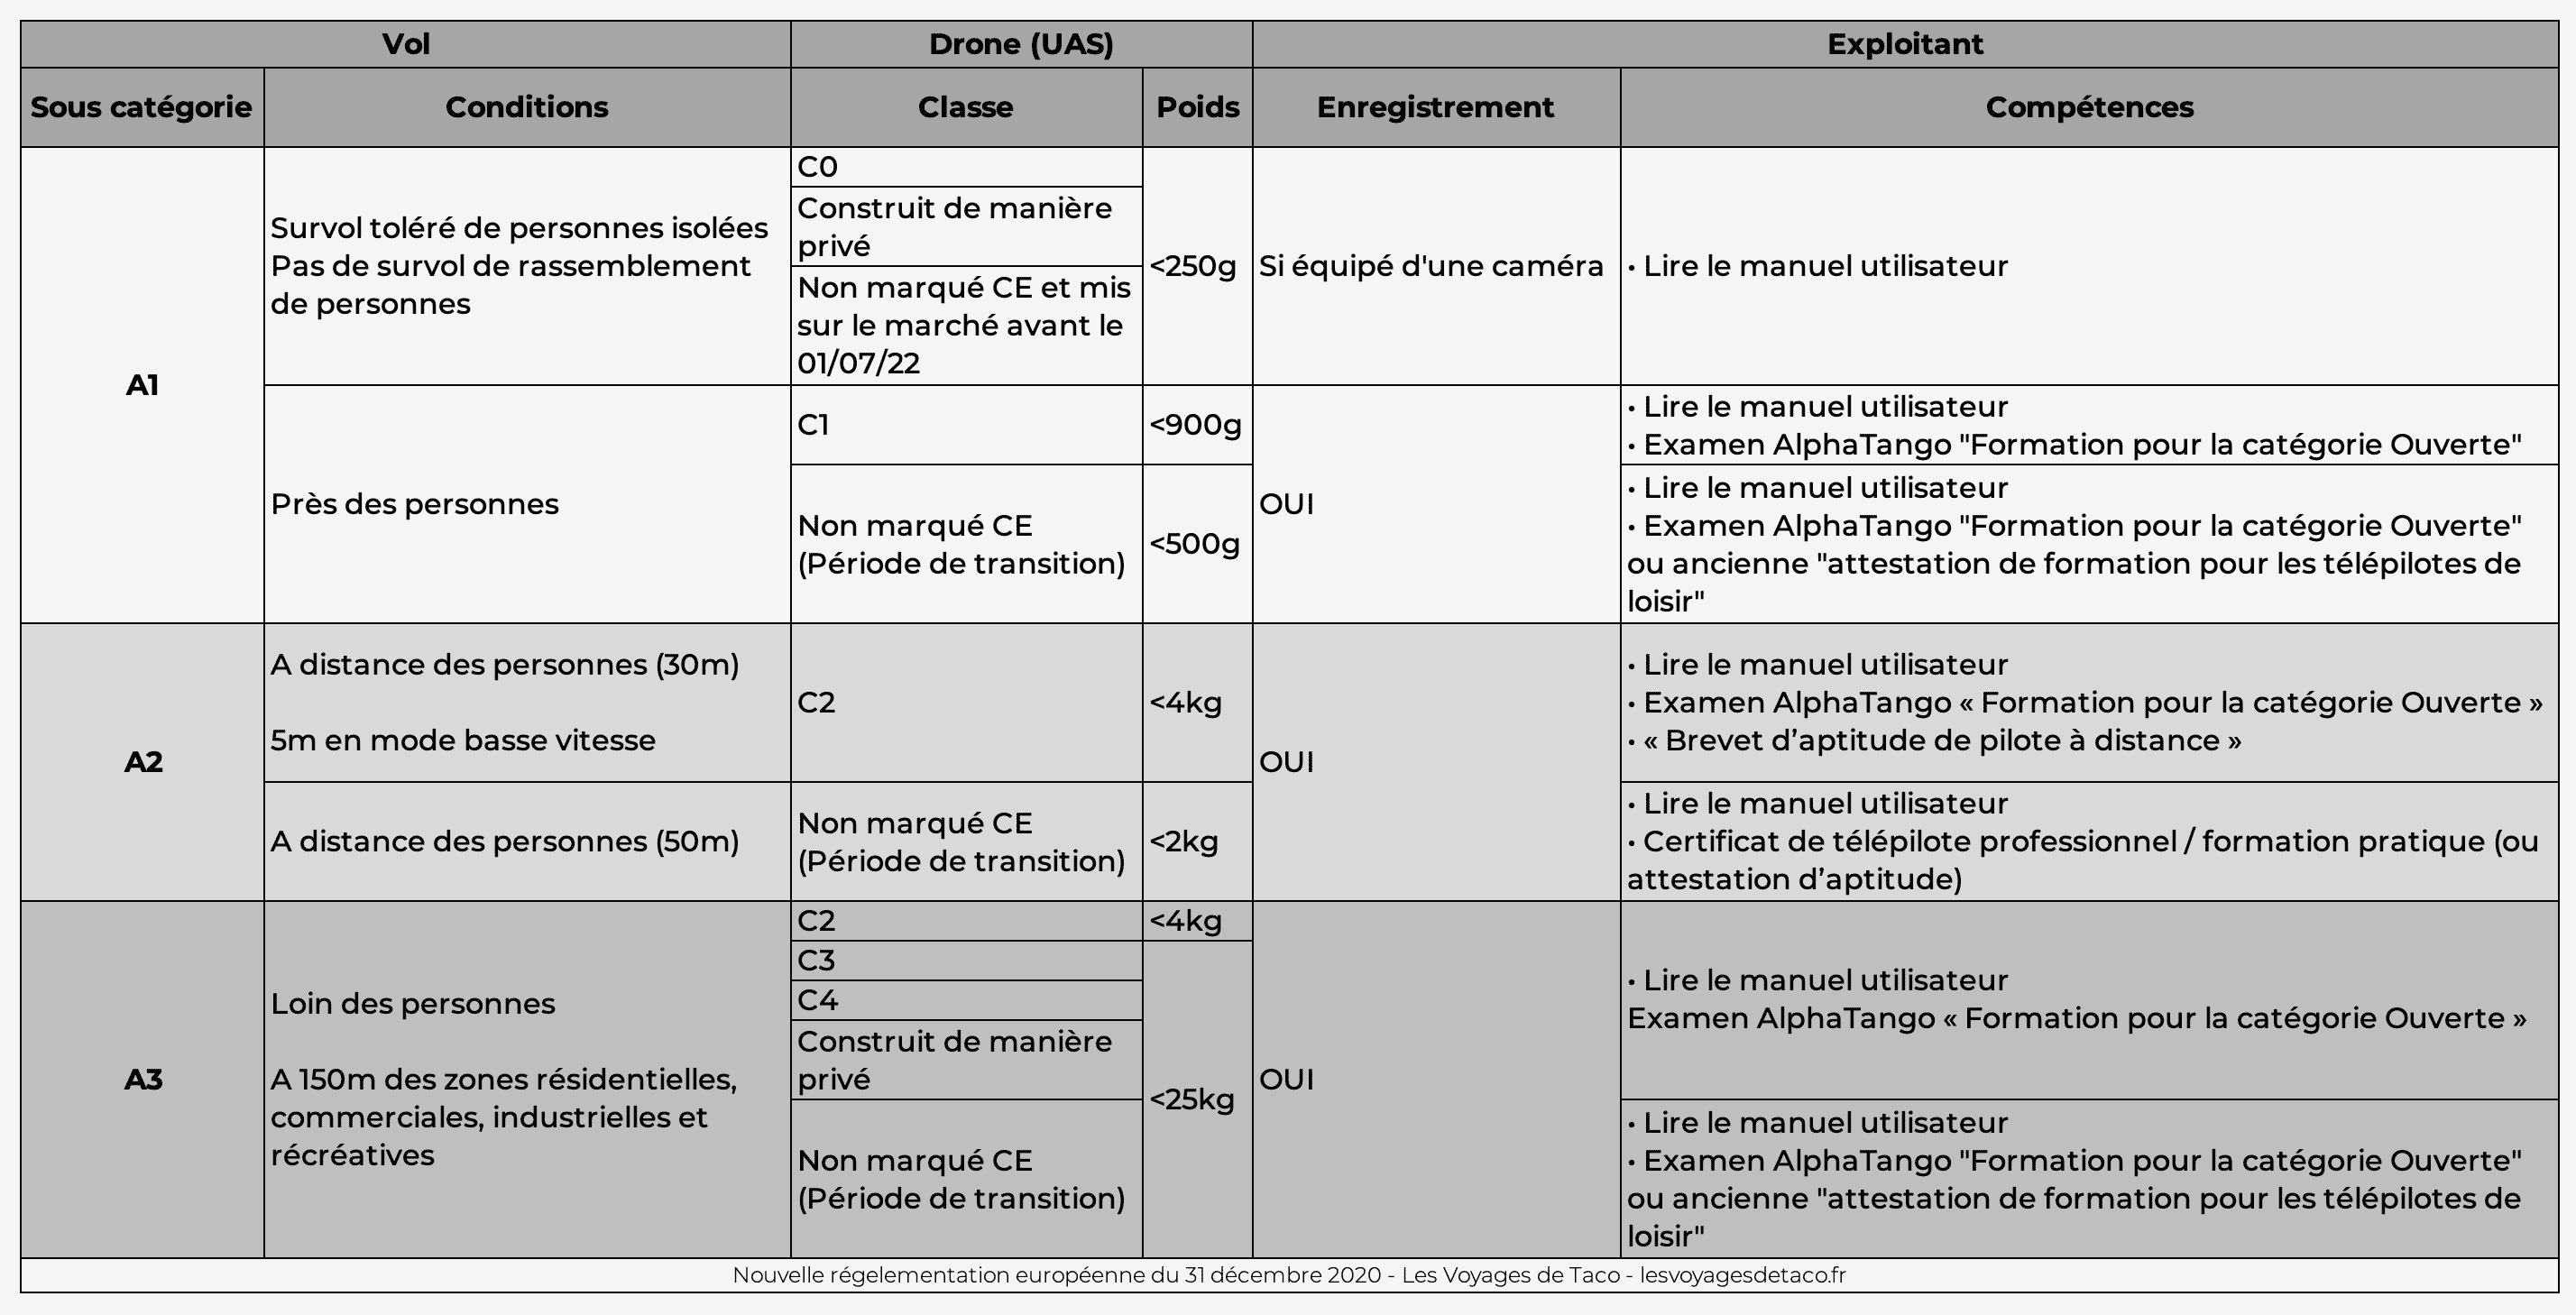 Réglementation européenne pour les drones - Sous-catégories de vol en fonction de la classe et période de transition